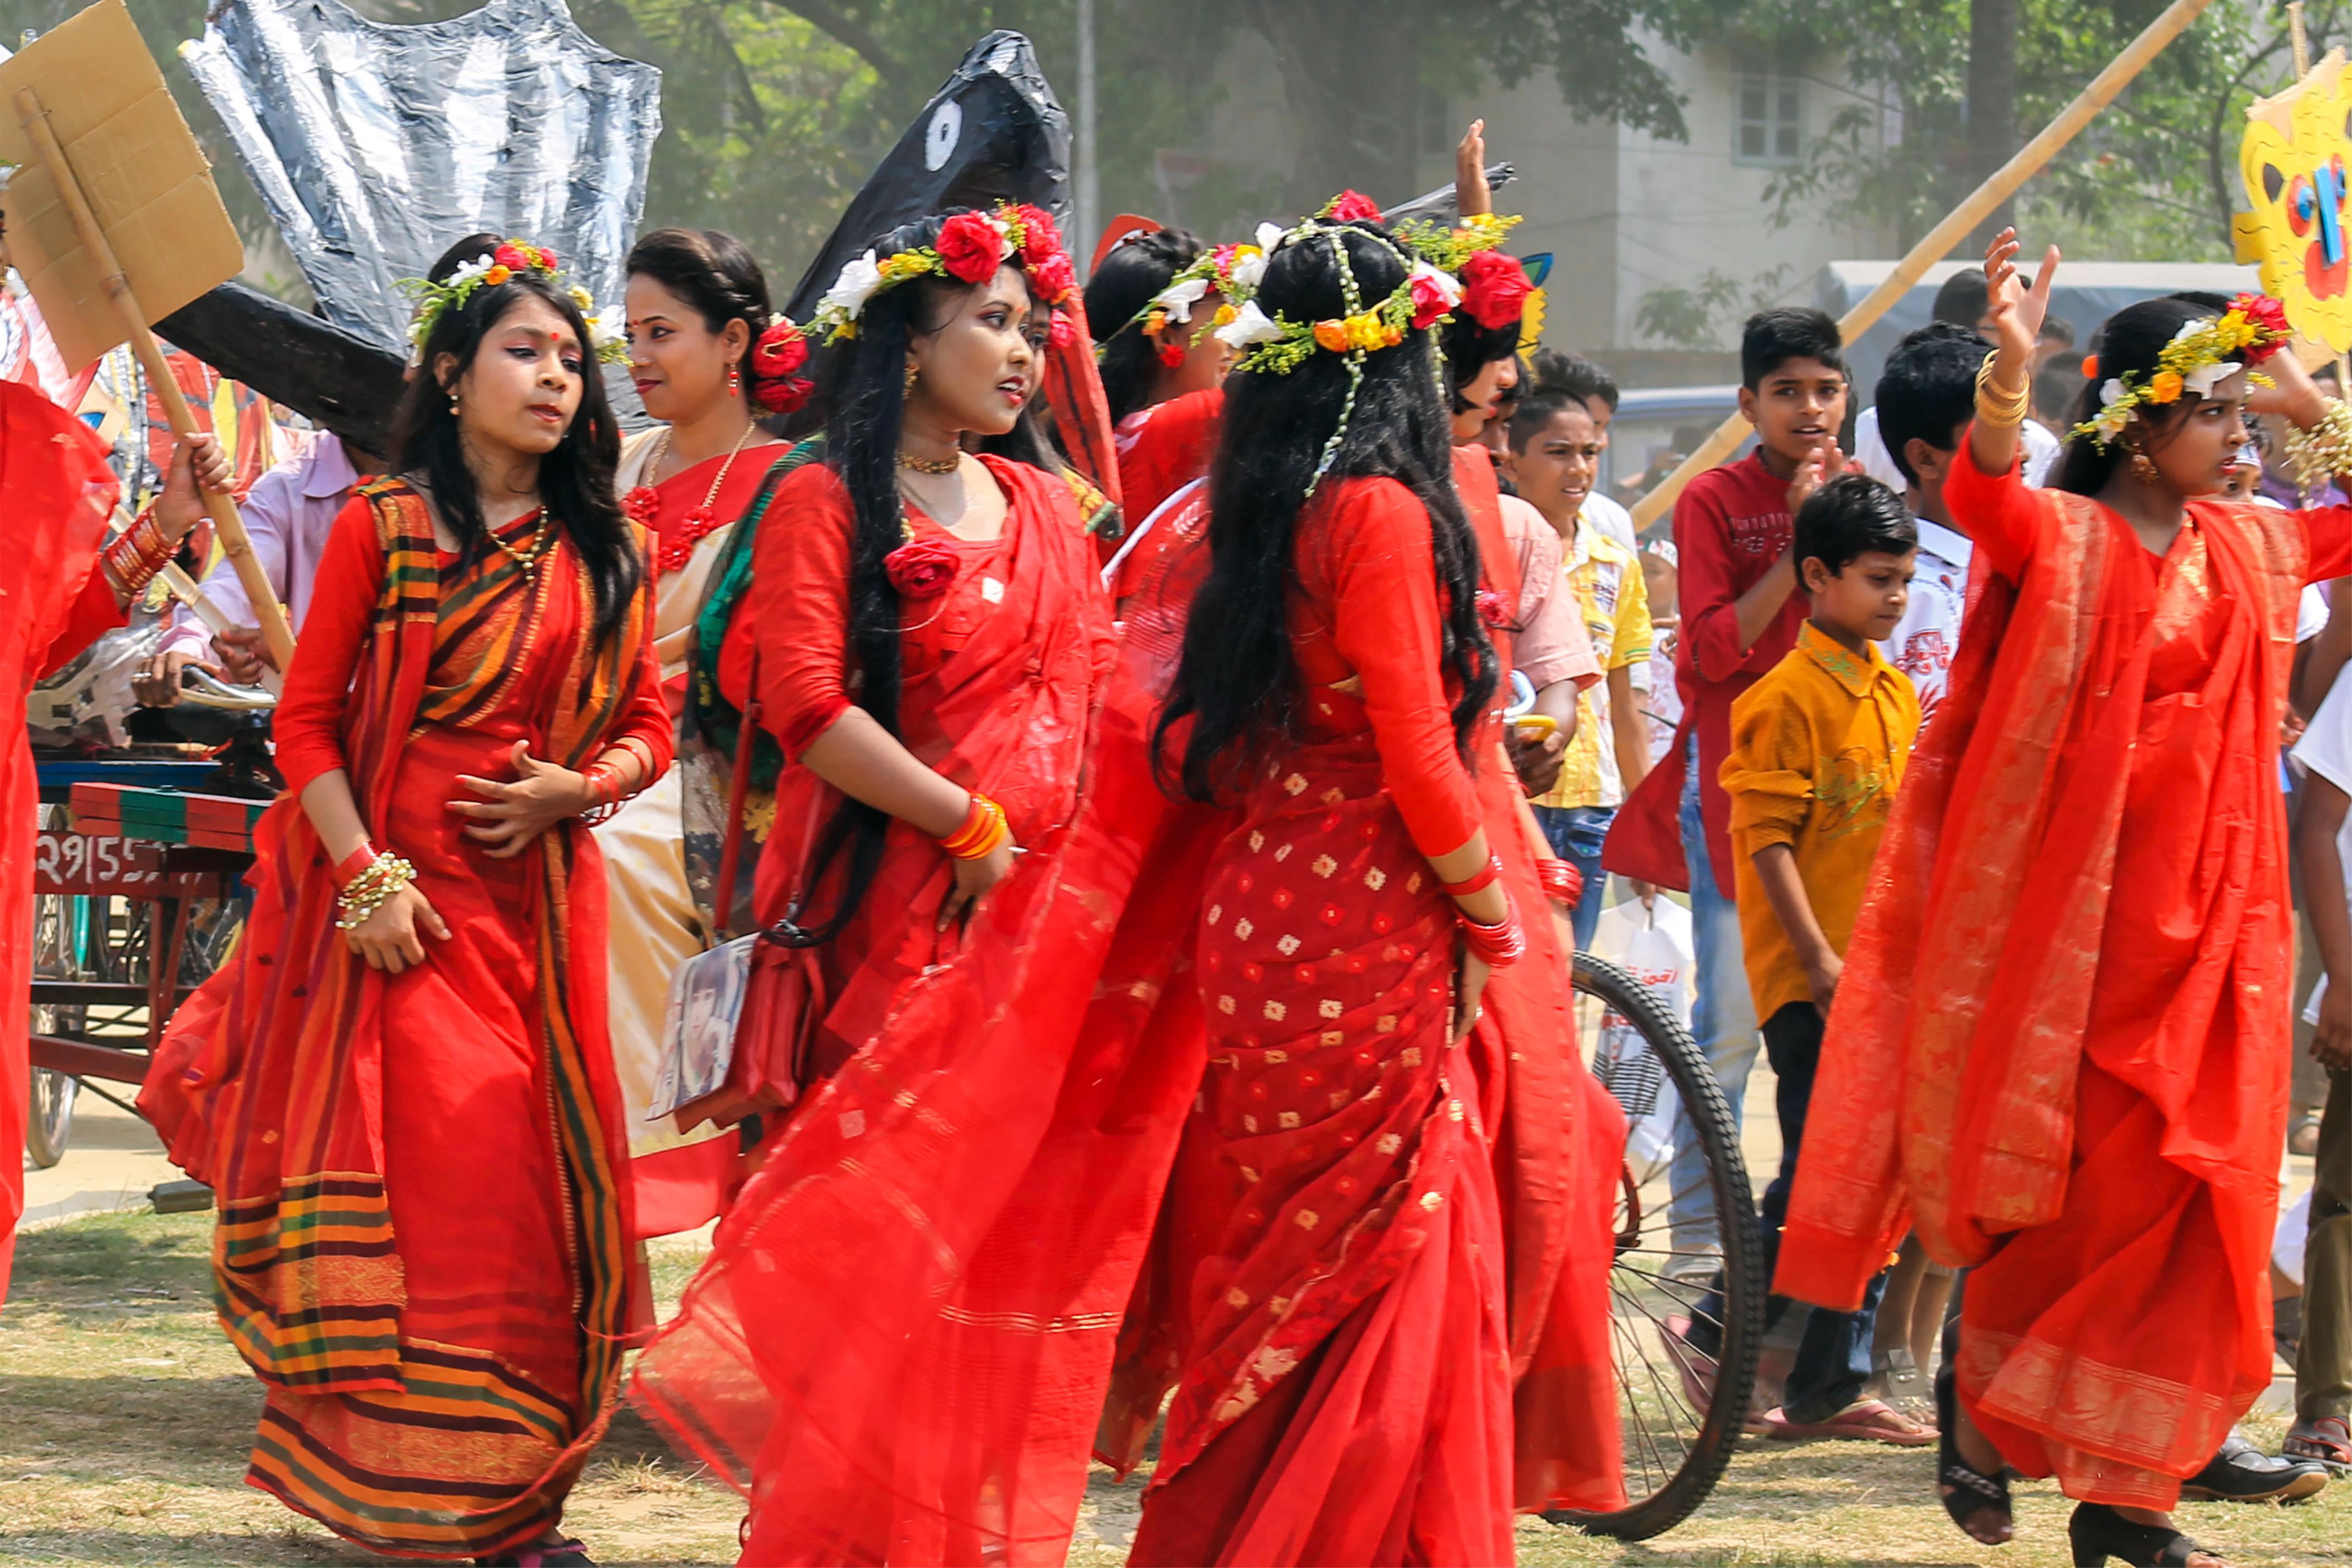 Filebangladeshi girls wearing traditional sari with flower crown at original file izmirmasajfo